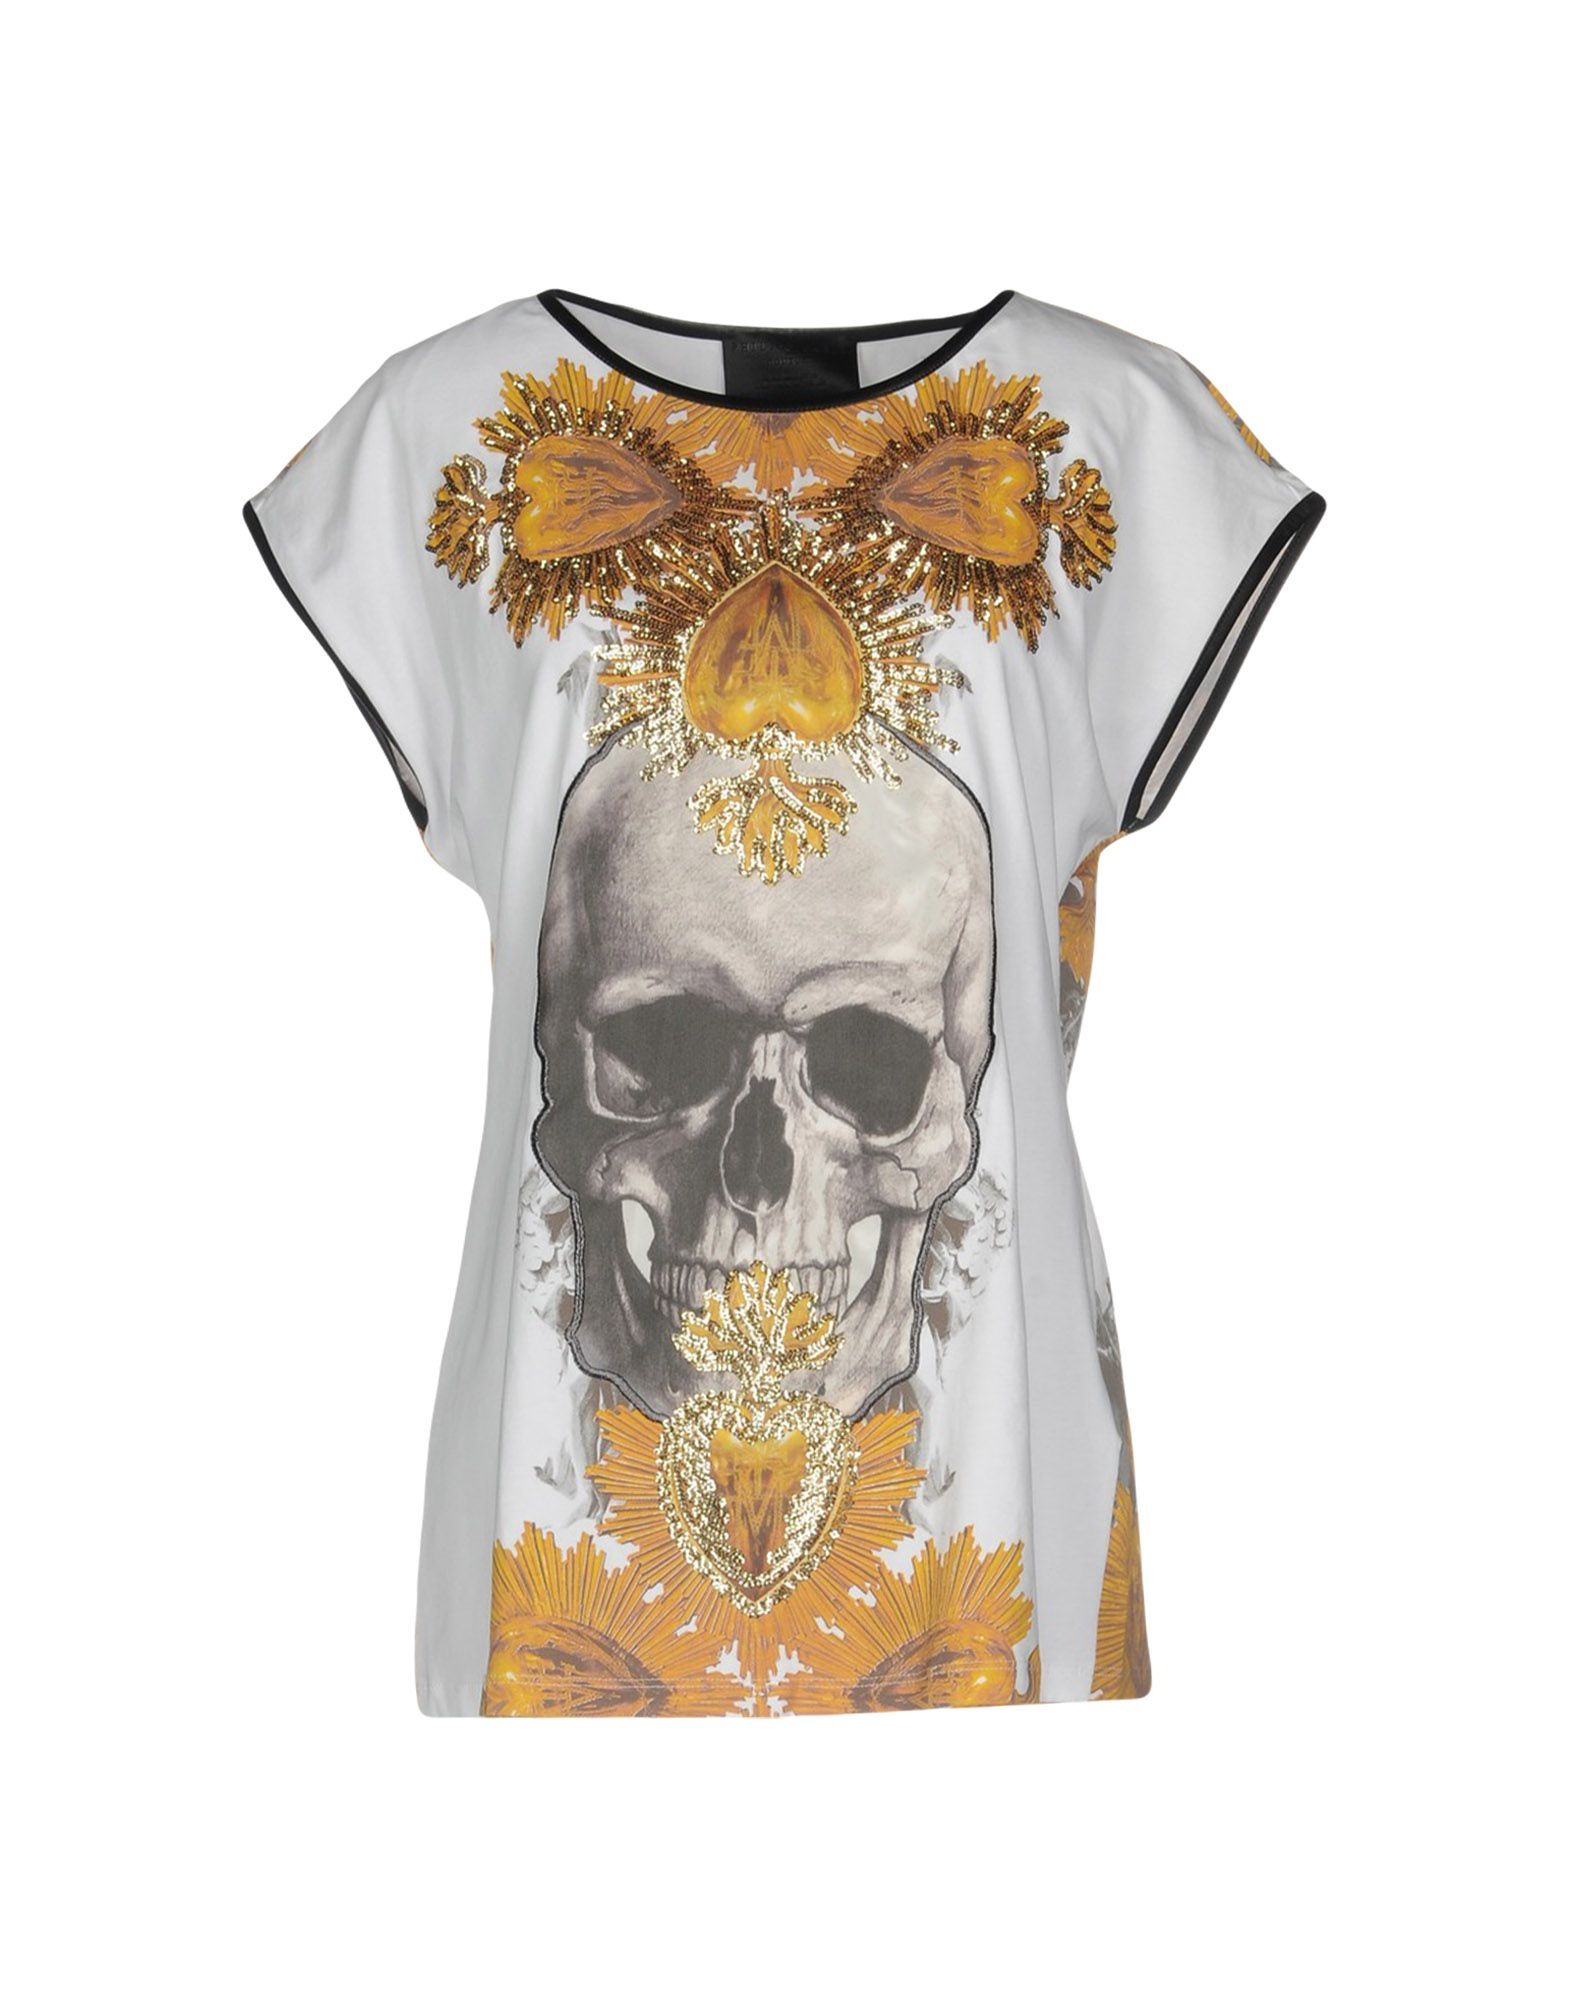 T-Shirt Philipp Plein Donna - Acquista online su oZosvcTD